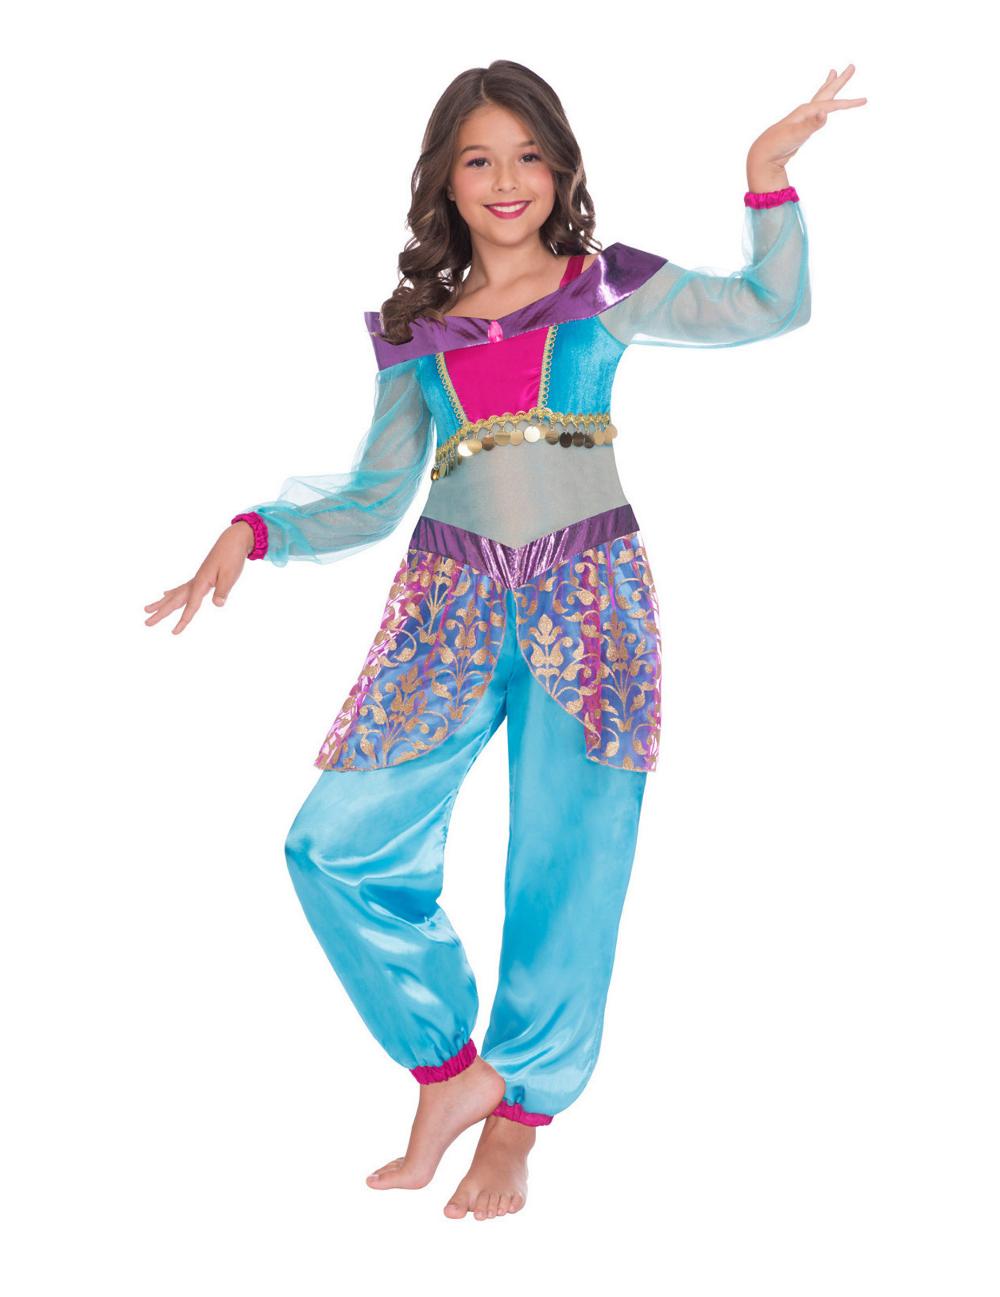 Orientalischer Flaschengeist Kostum Fur Madchen Bauchtanzerin Blau